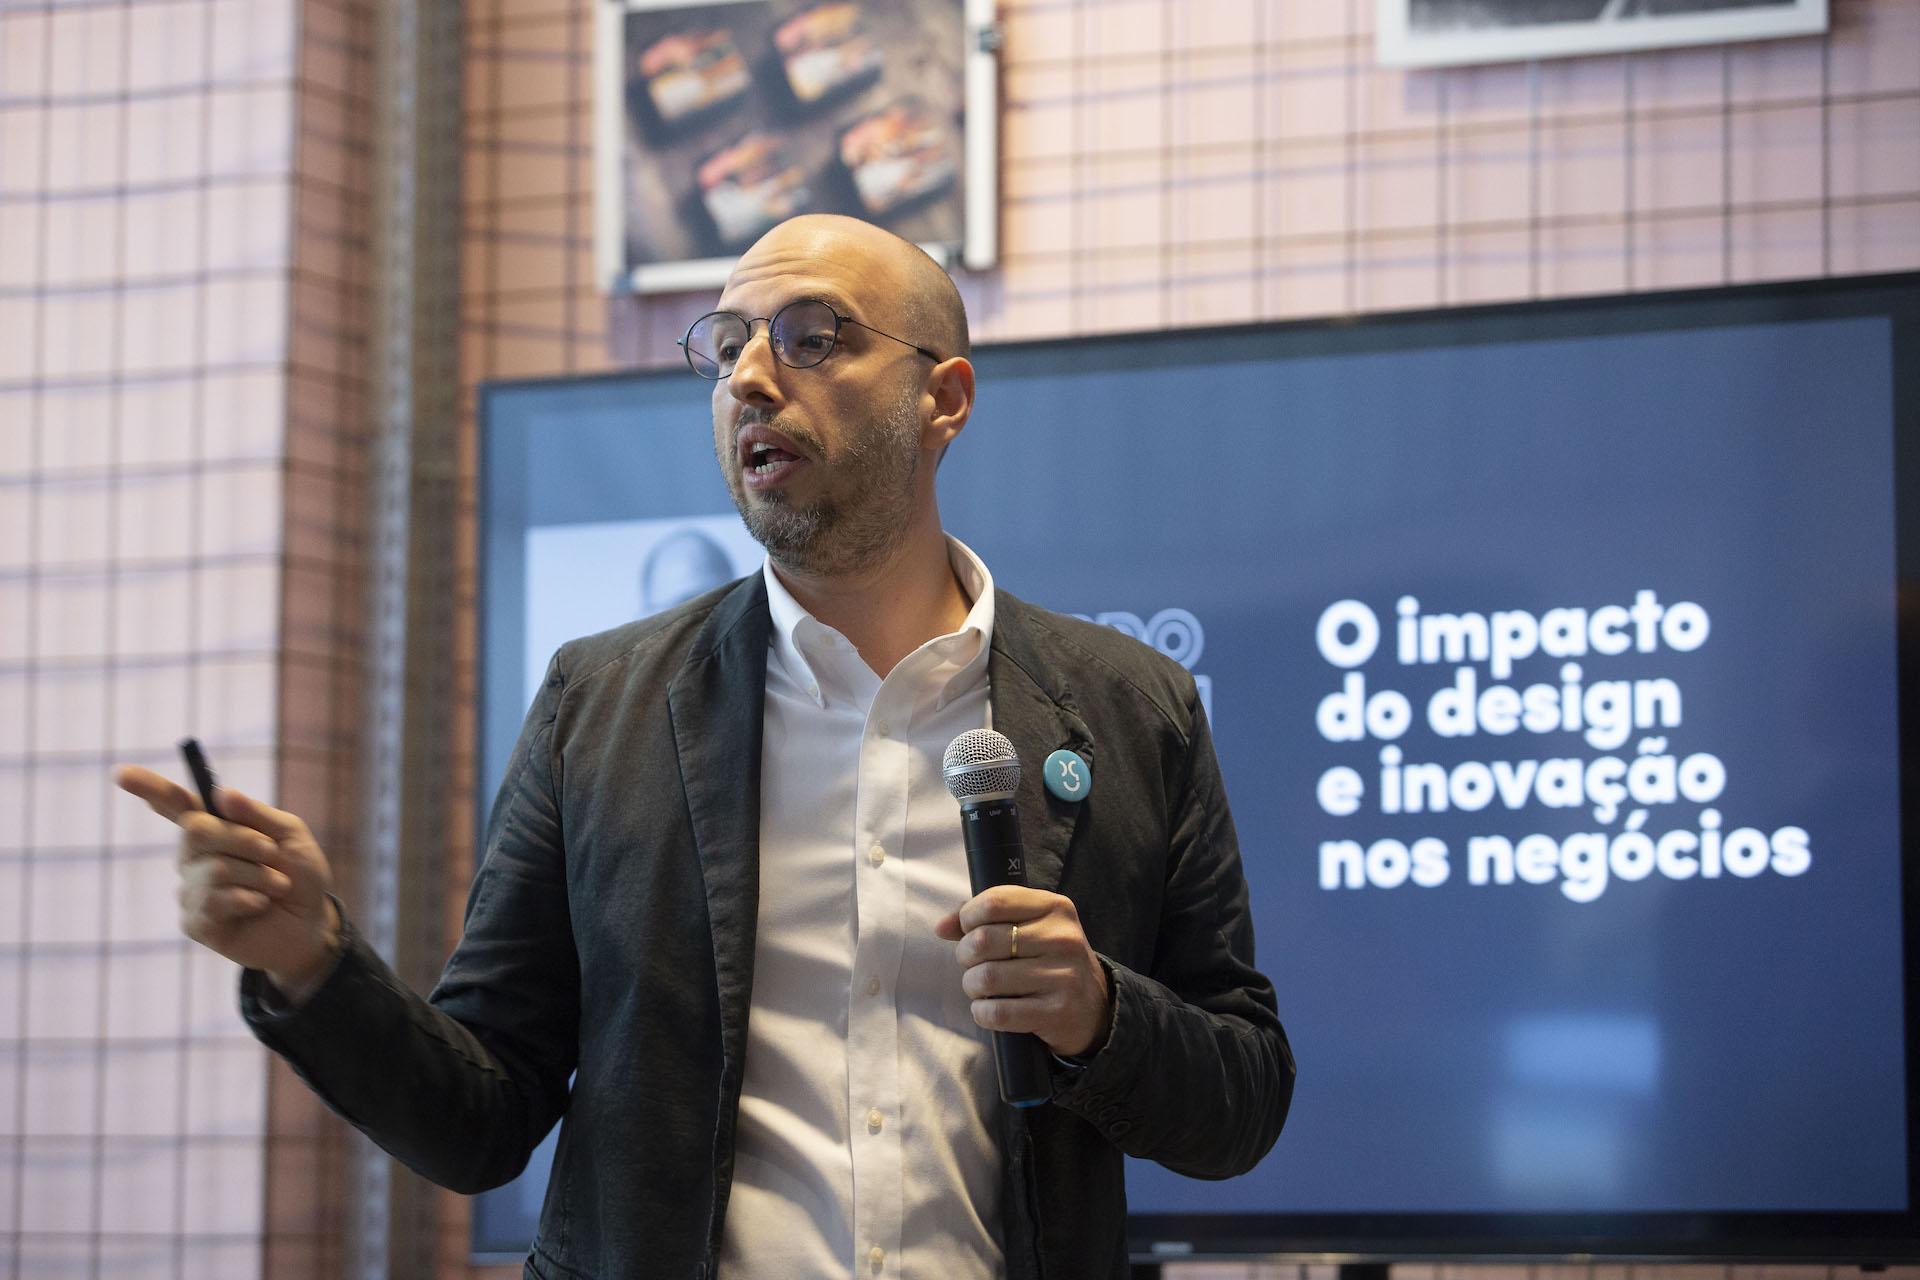 palestra de leonardo massareli, cco da questtonó, no evento inovar é preciso na sede da questtonó, no bairro pompeia, em são paulo. crédito joyce cury